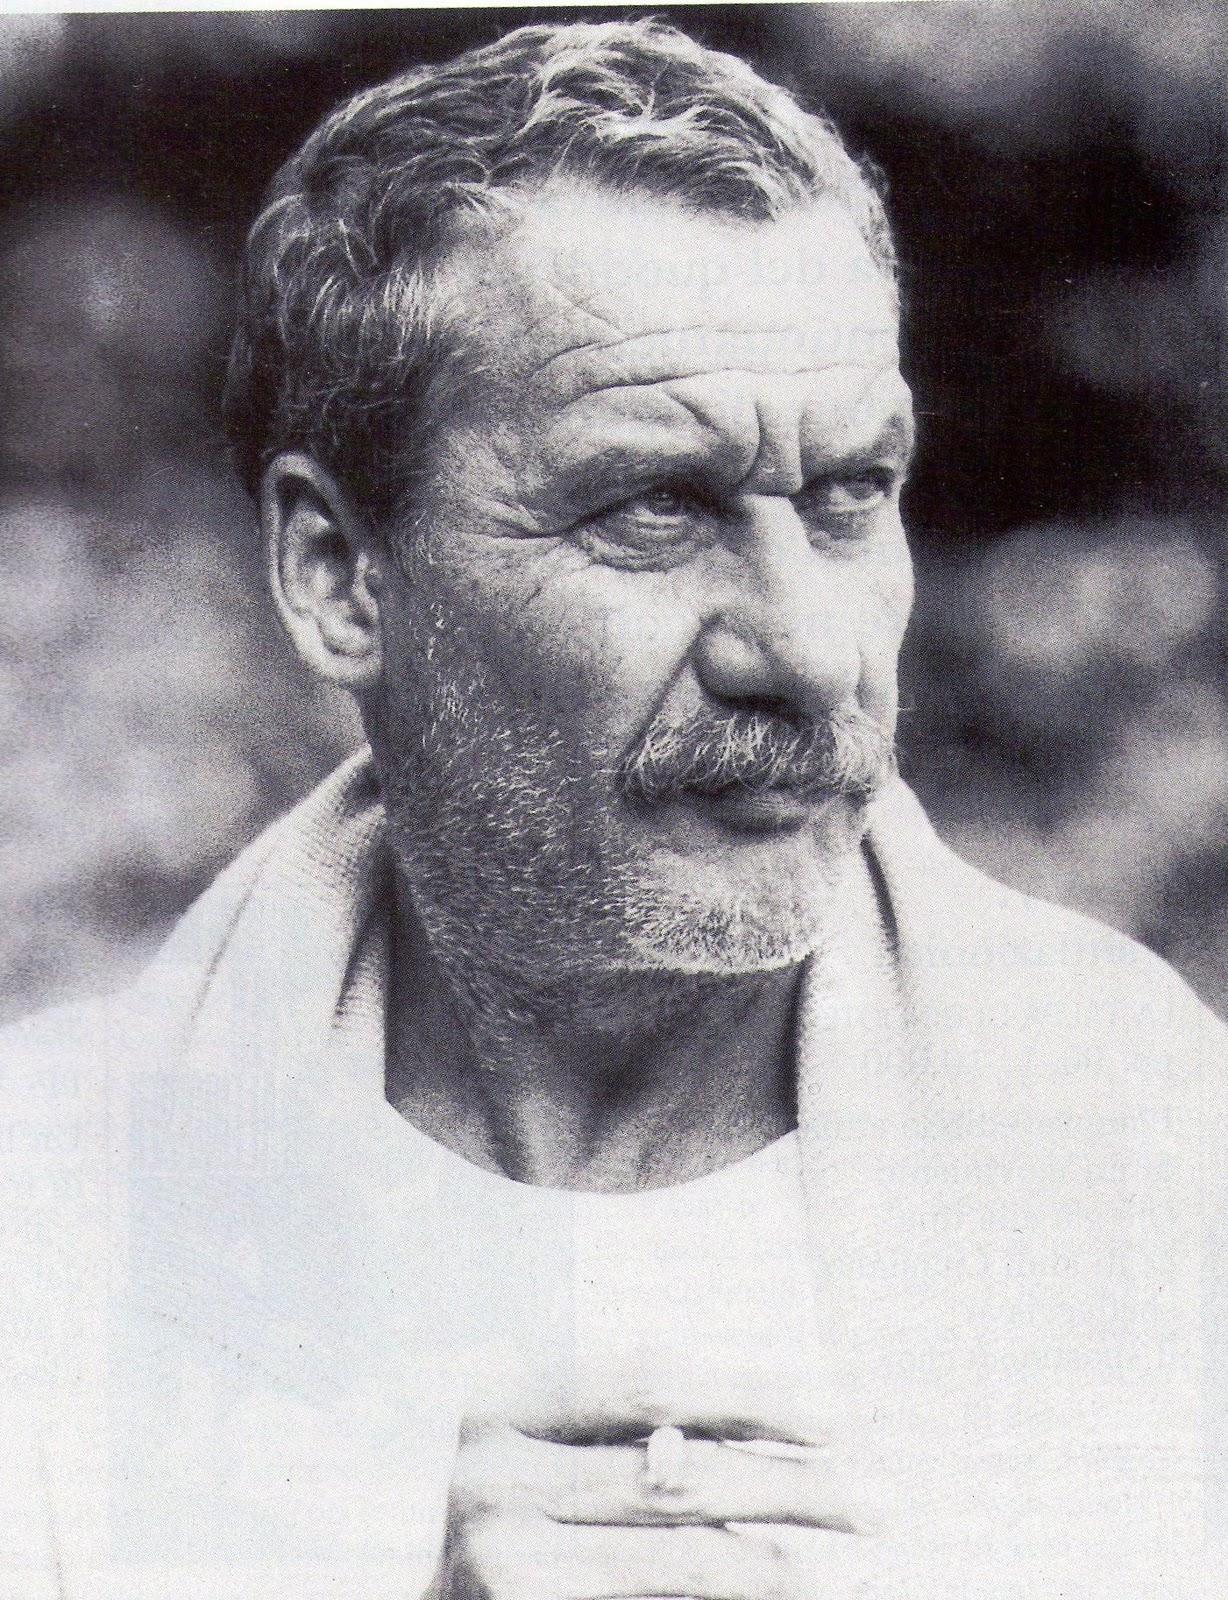 Paolo Conto